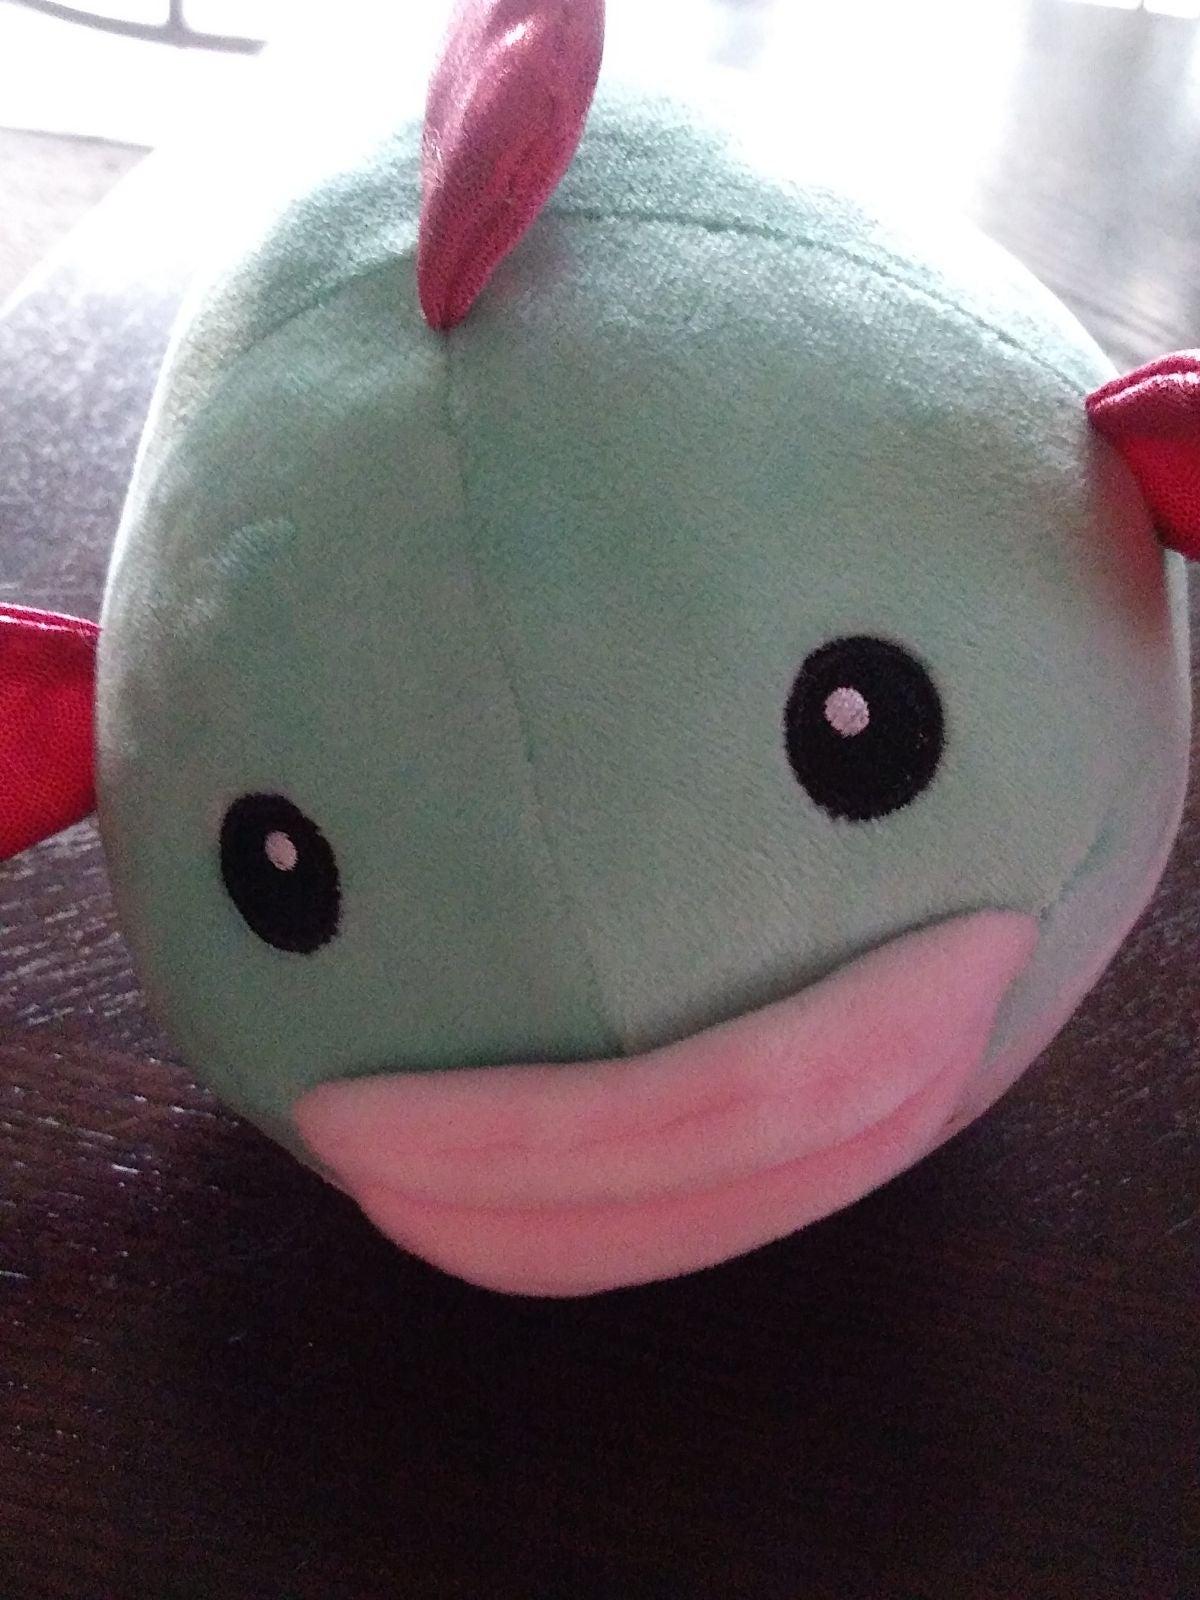 Dan Dee Plush Fish With Big Lips